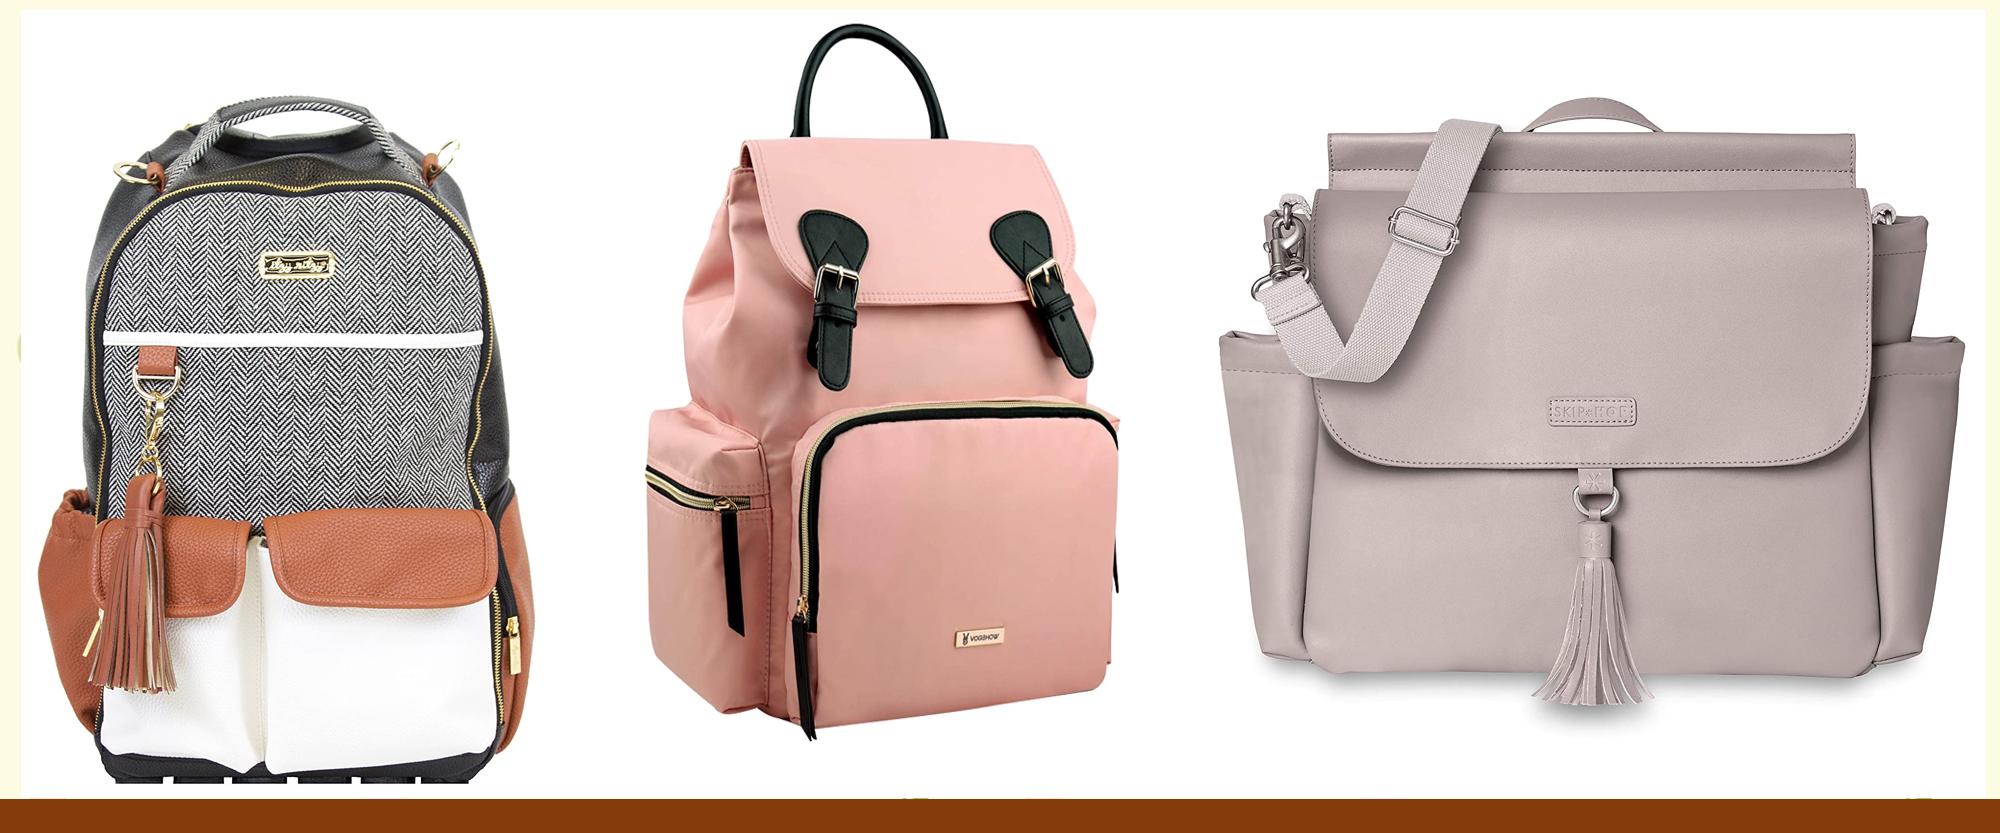 Best Diaper Backpack Bags